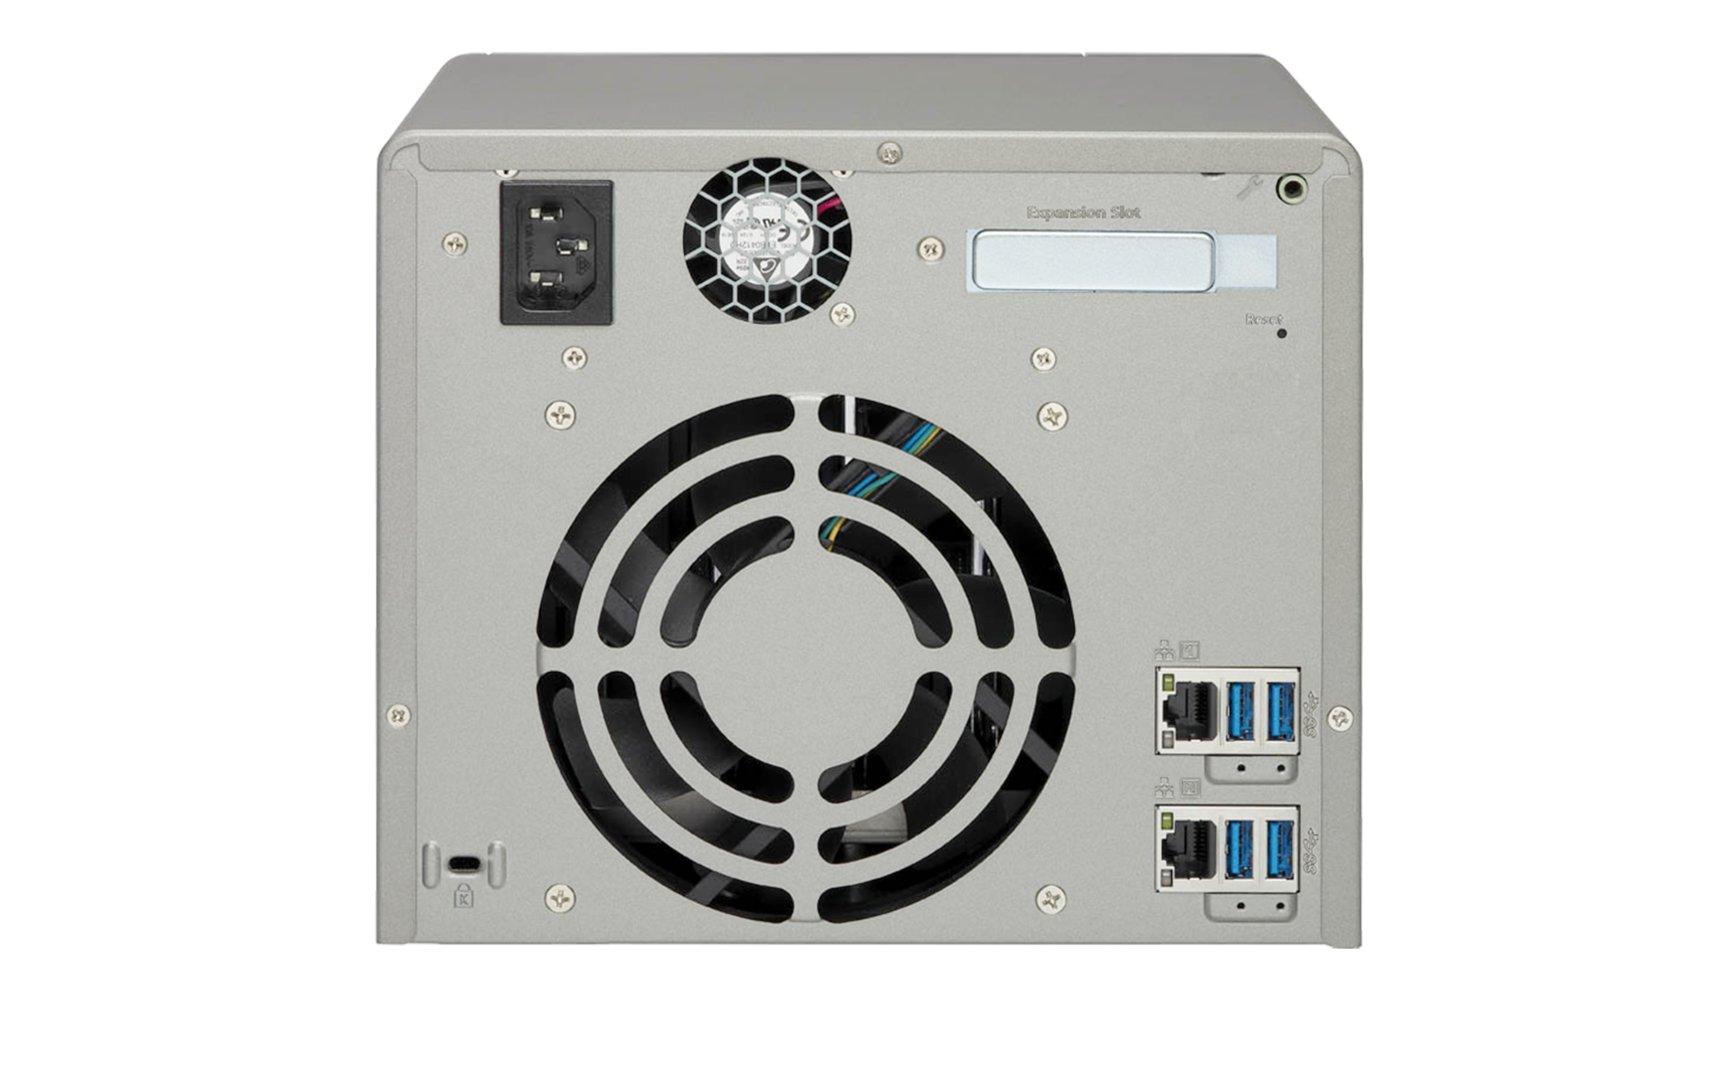 QNAP TS-563 – die Rückseite mit gleich 4 USB-3.0-Anschlüssen und 120-mm-Lüfter